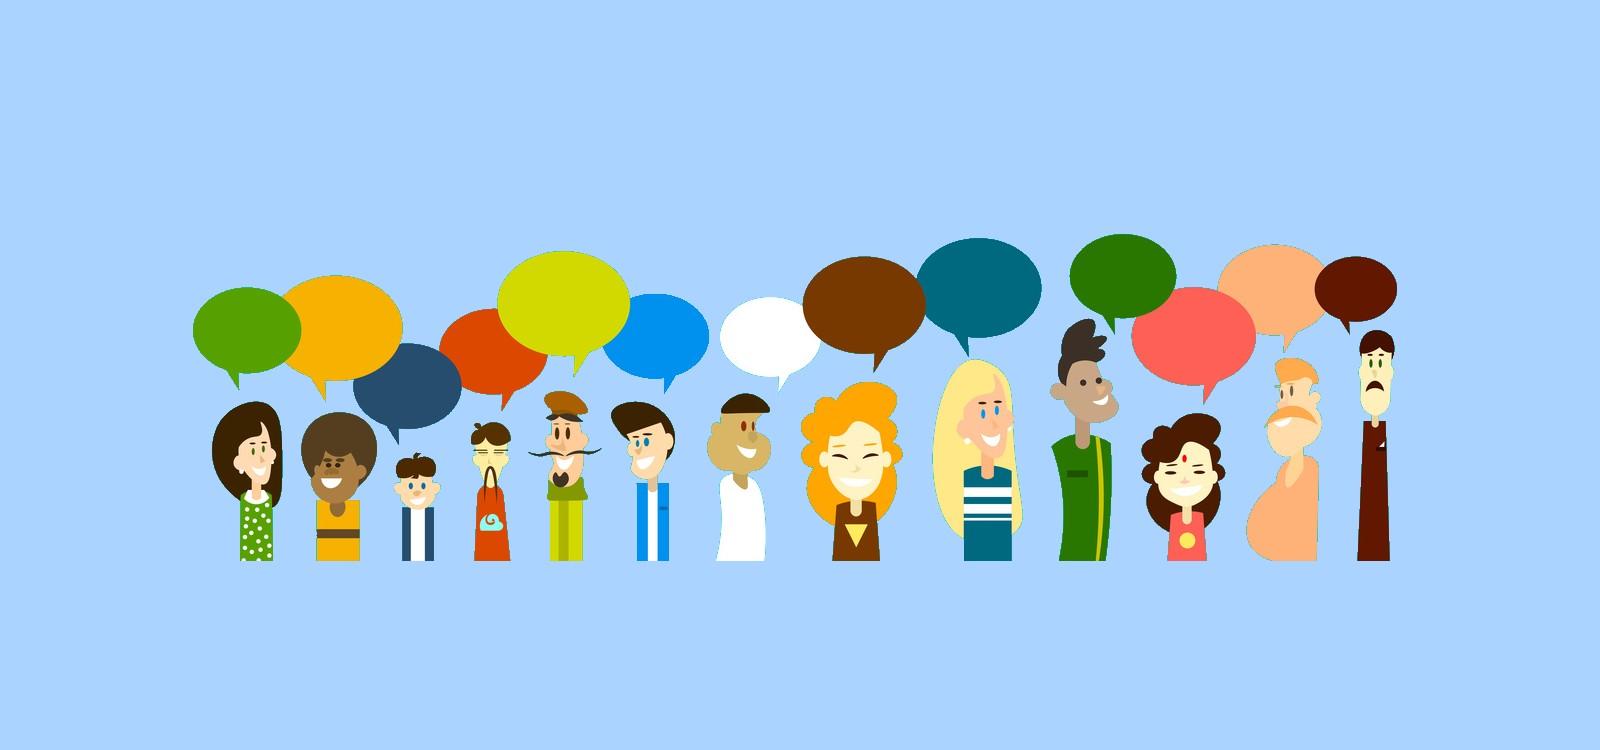 Etudes marketing, terrains online, panels